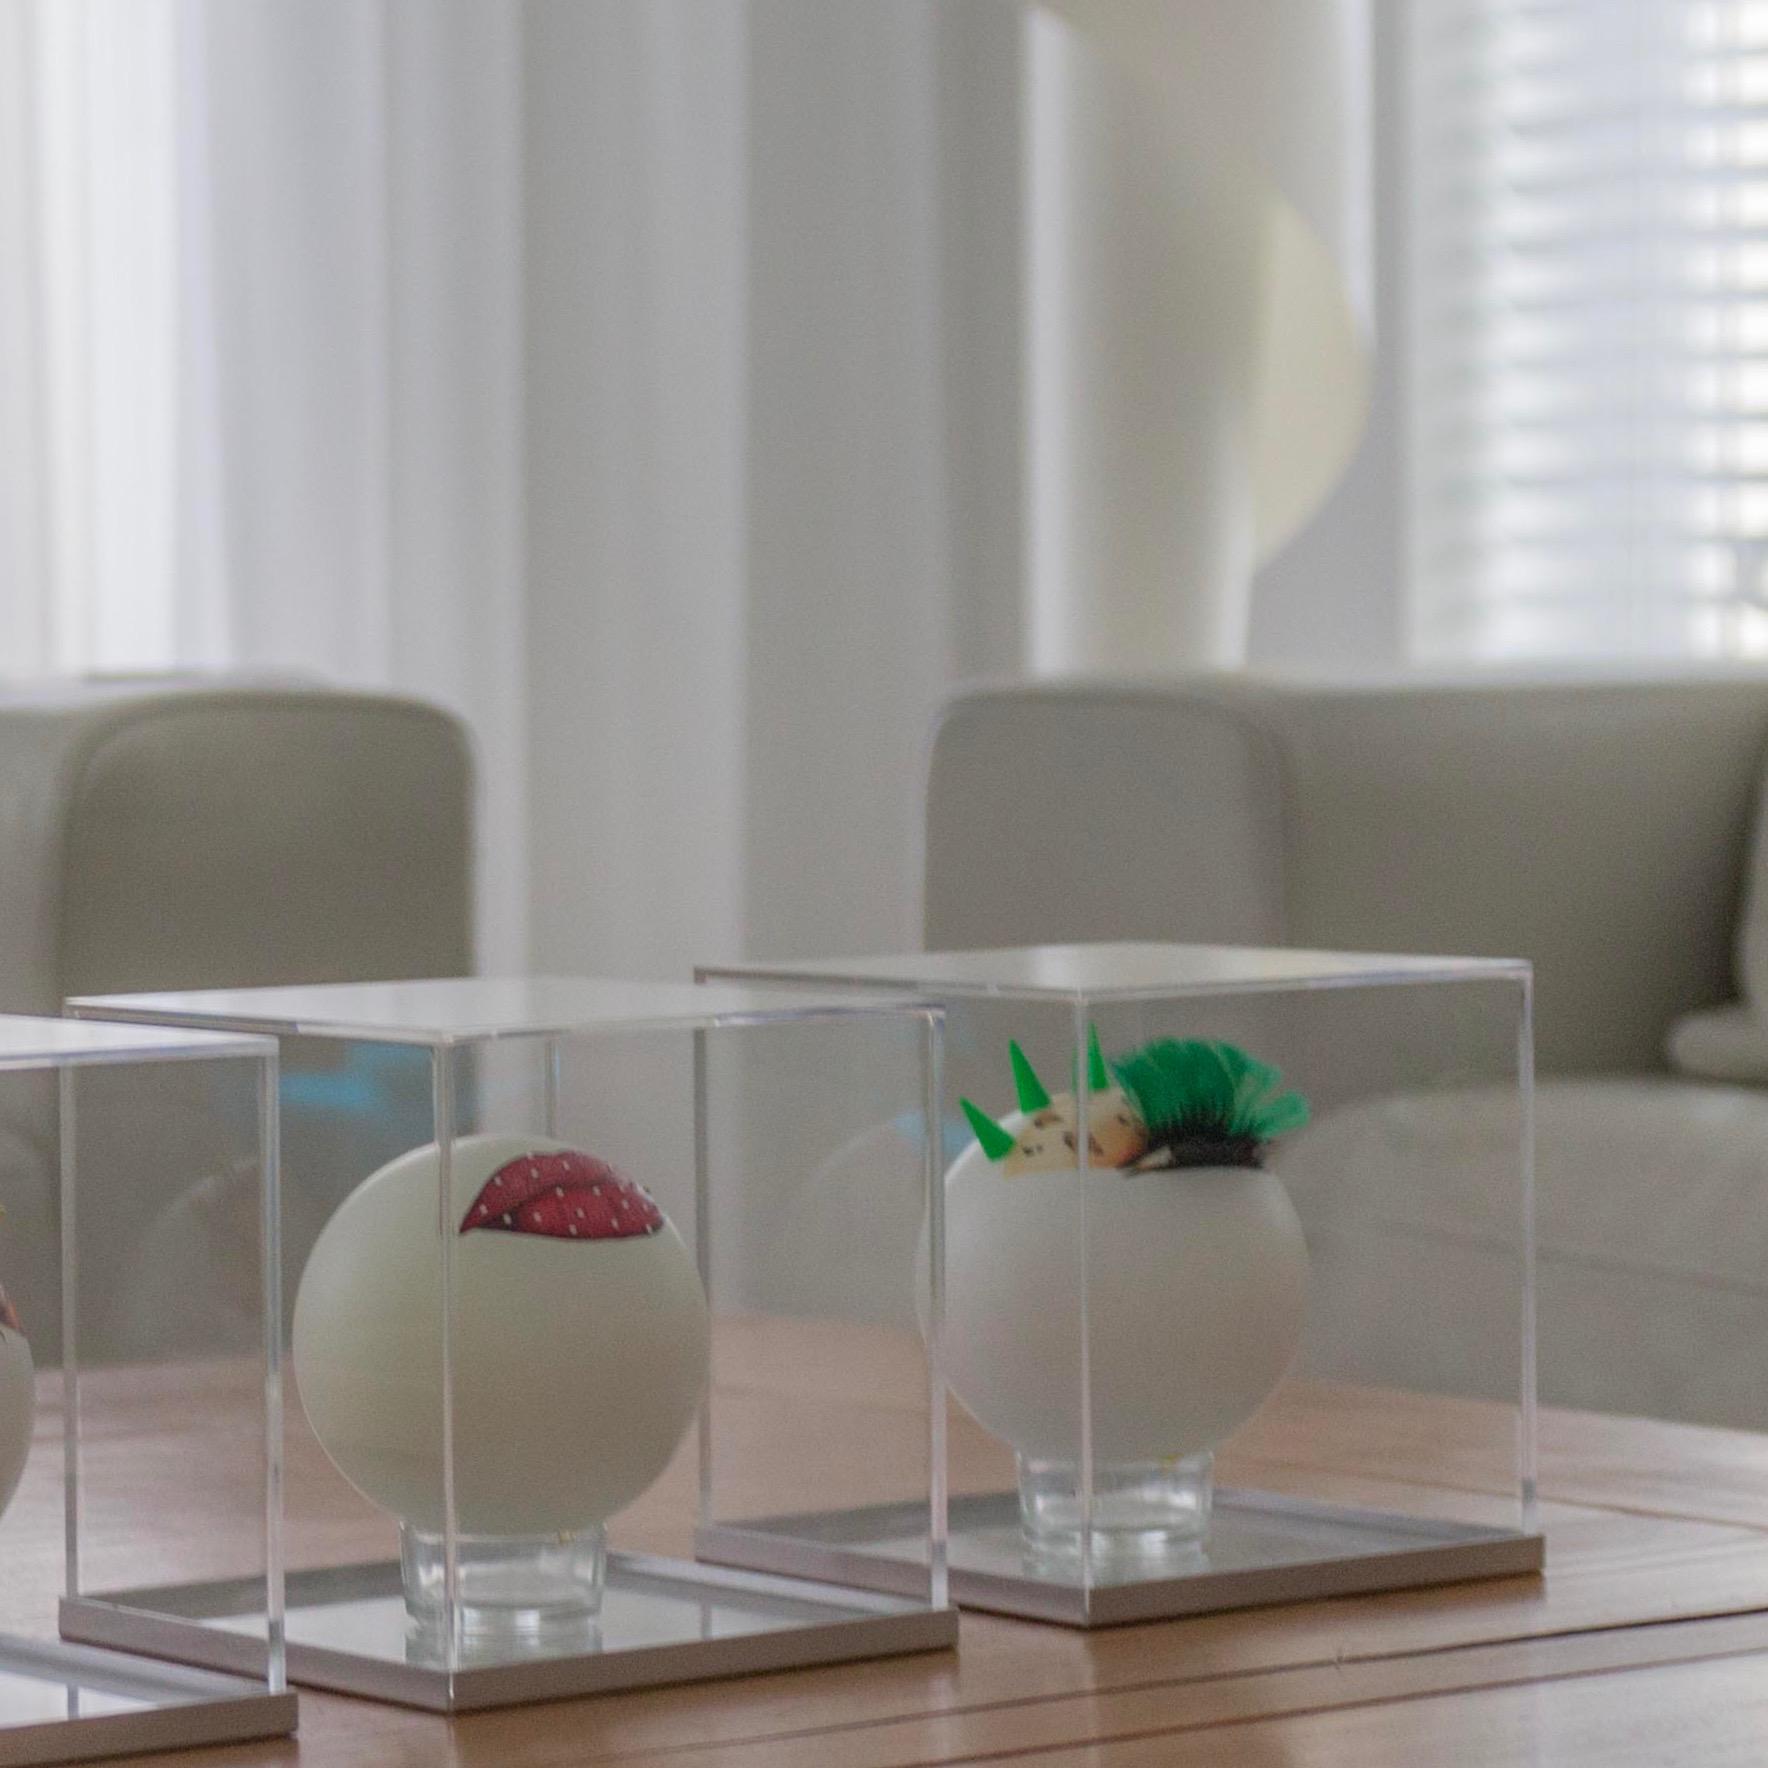 Fashion Balls onder glas in woonkamer